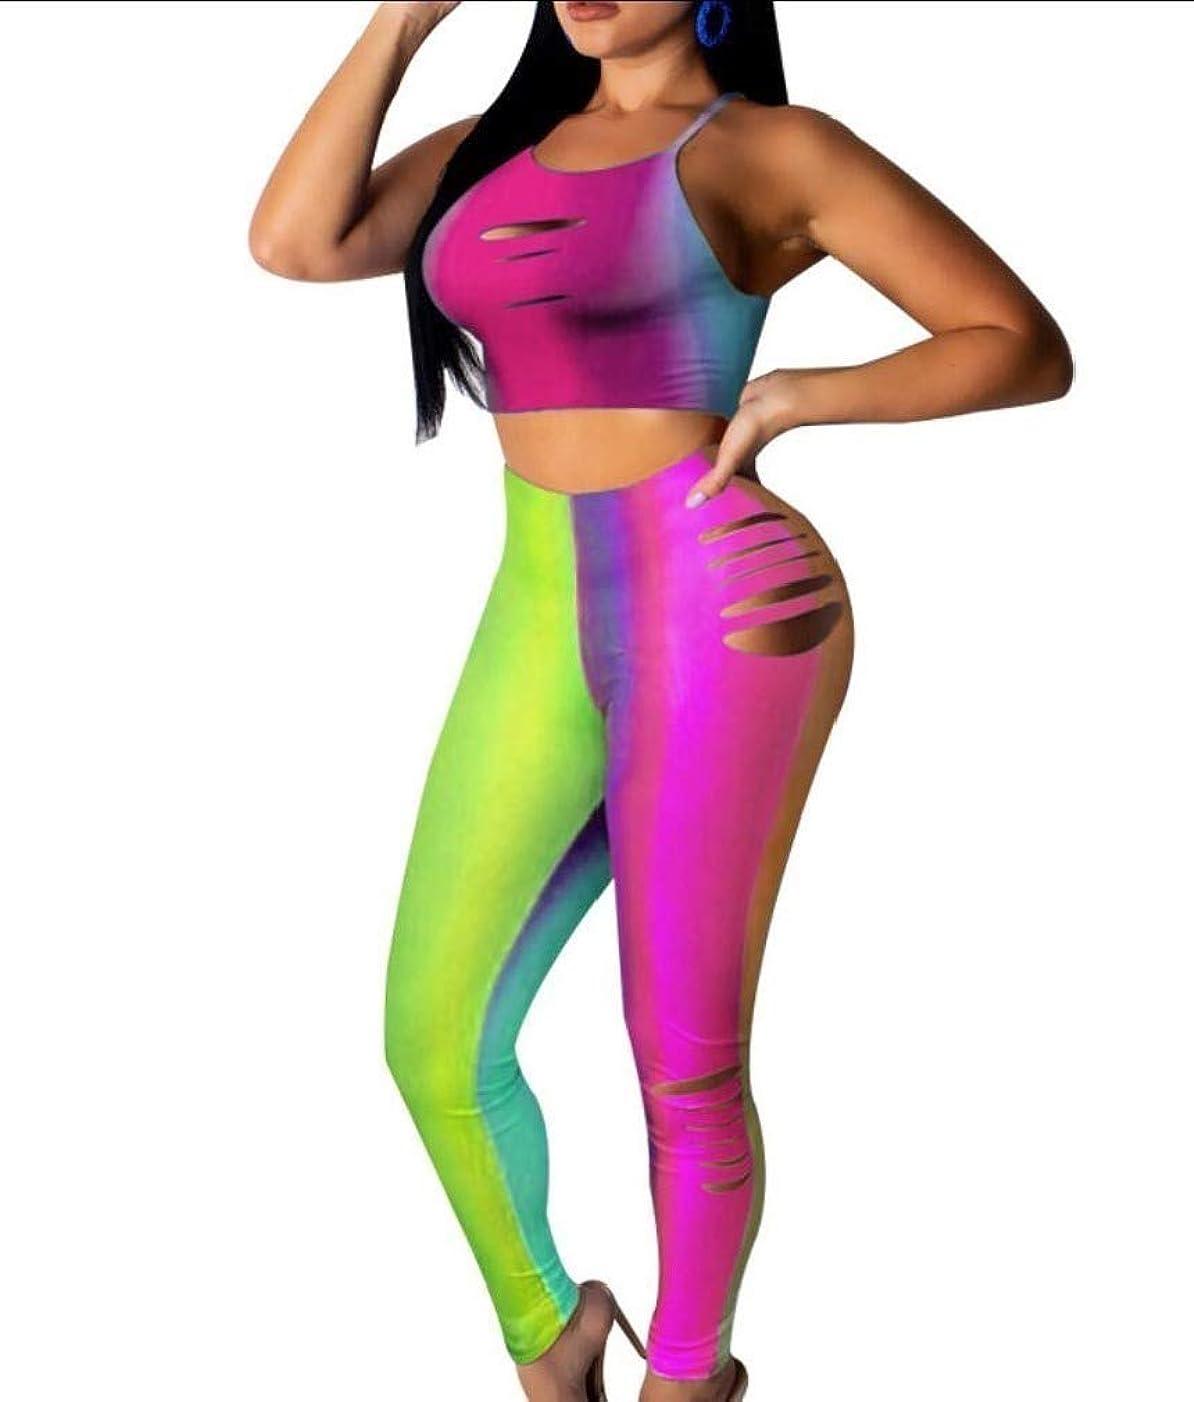 森世論調査自動Romancly 女性キャミクロップトップとボディコンロングパンツ2ピース衣装ジャンプスーツ Green L